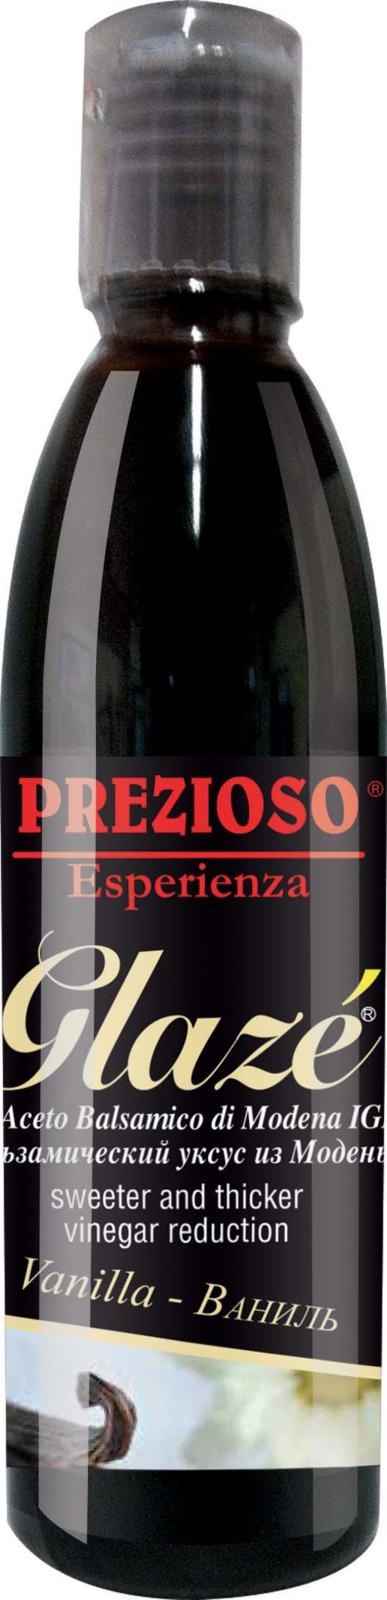 Глазурь Prezioso Esperienza, на основе бальзамического уксуса из Модены, с ароматом ванили, 250 г